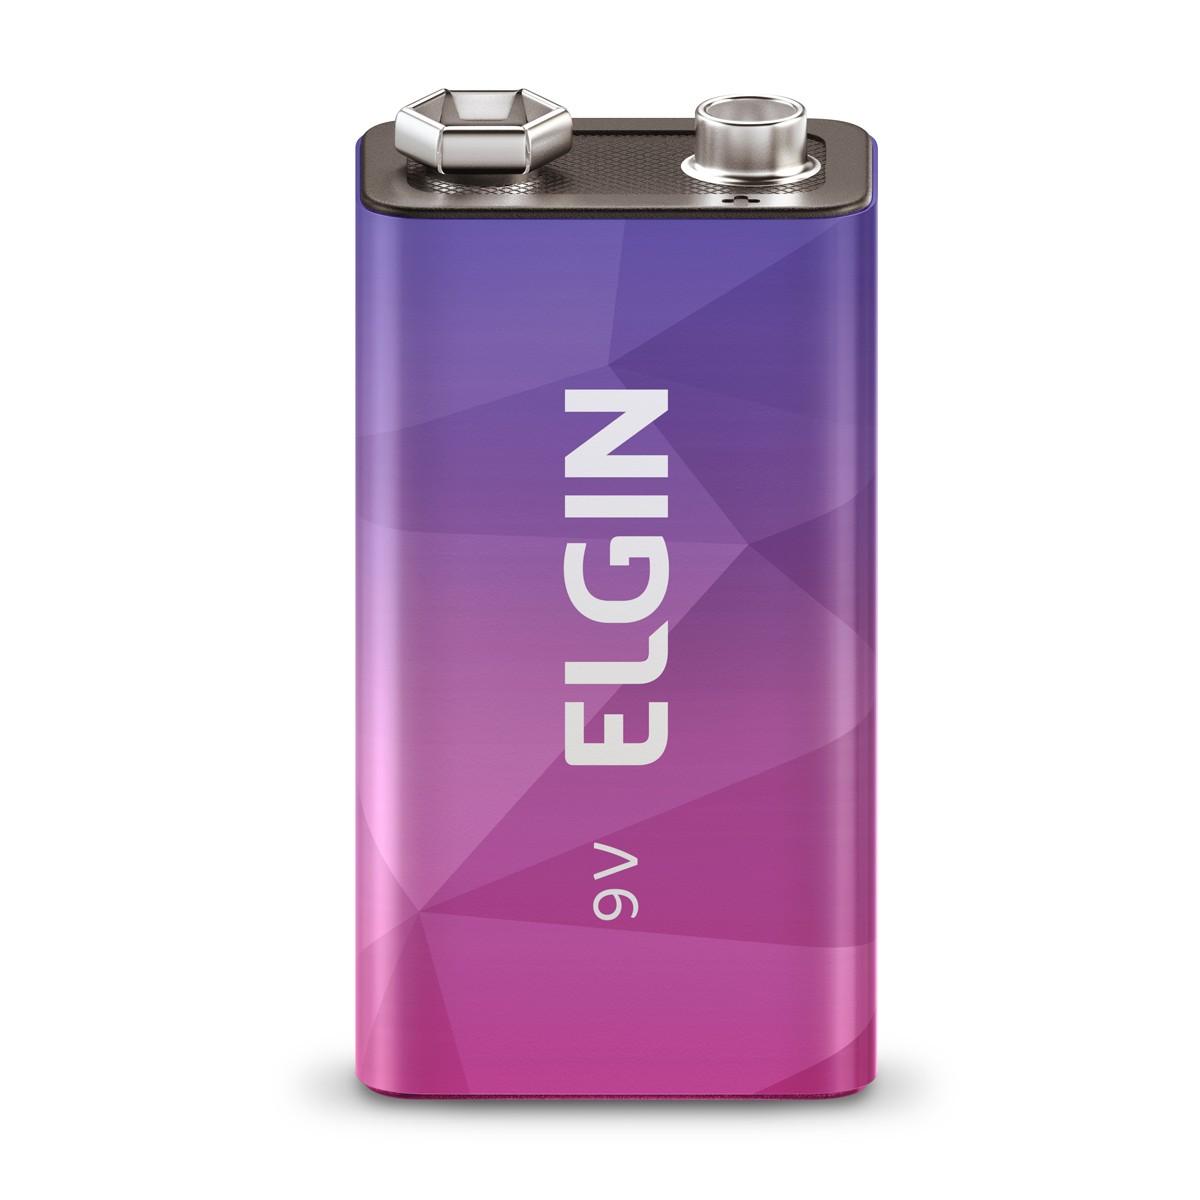 04 Baterias ELGIN 9V 250mAh Recarregável Alcalina 4 cartelas